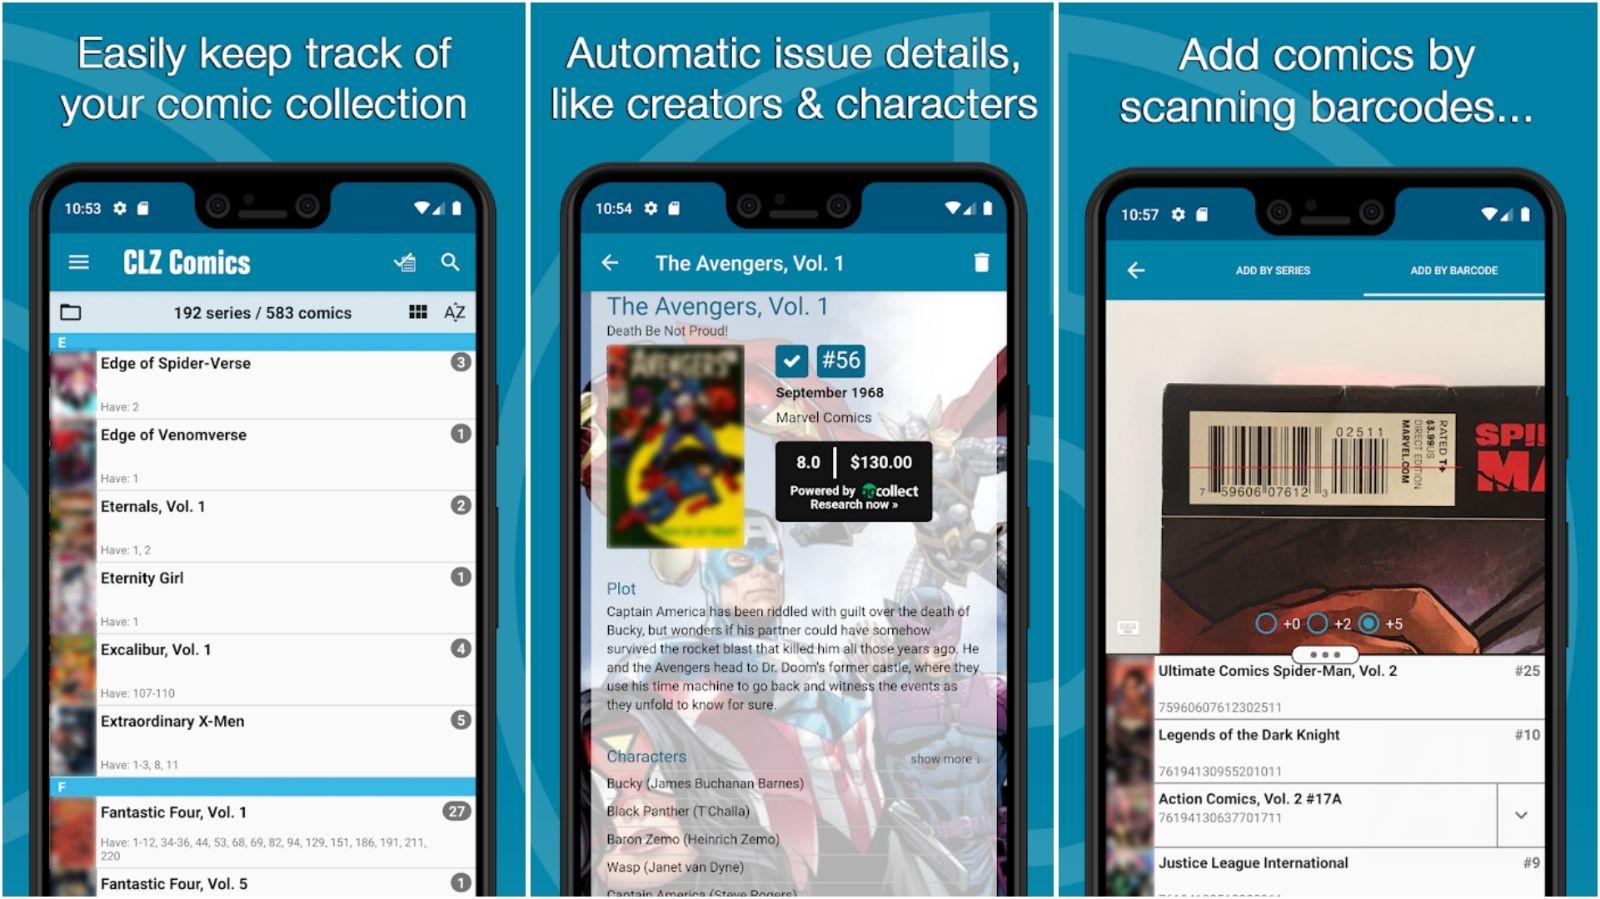 CLZ Comics app grid image